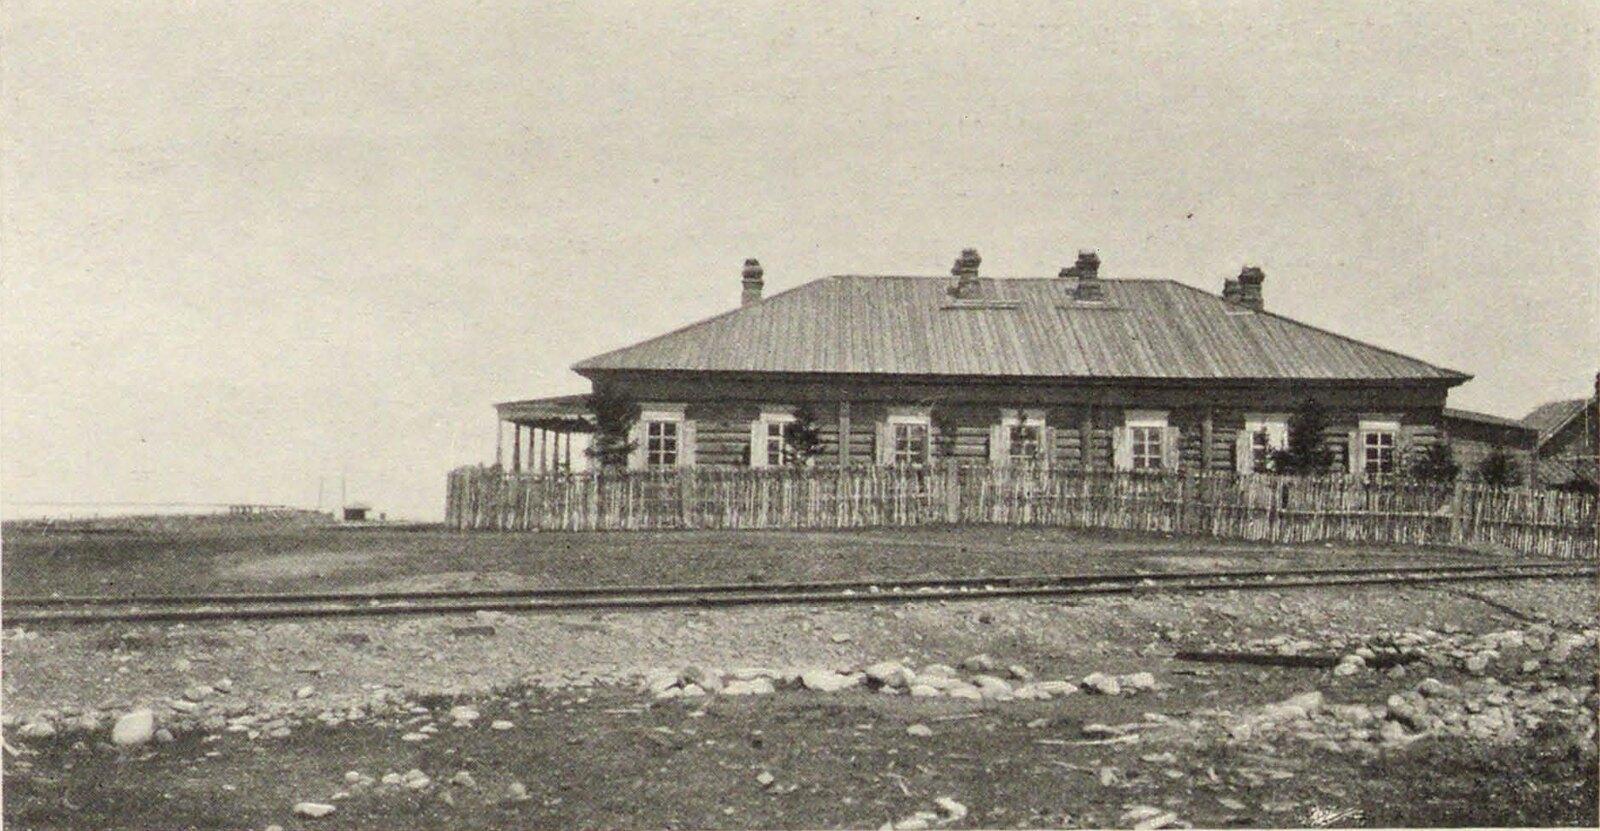 09. Мысовая. Лазарет в Немчиновском доме на берегу Байкала